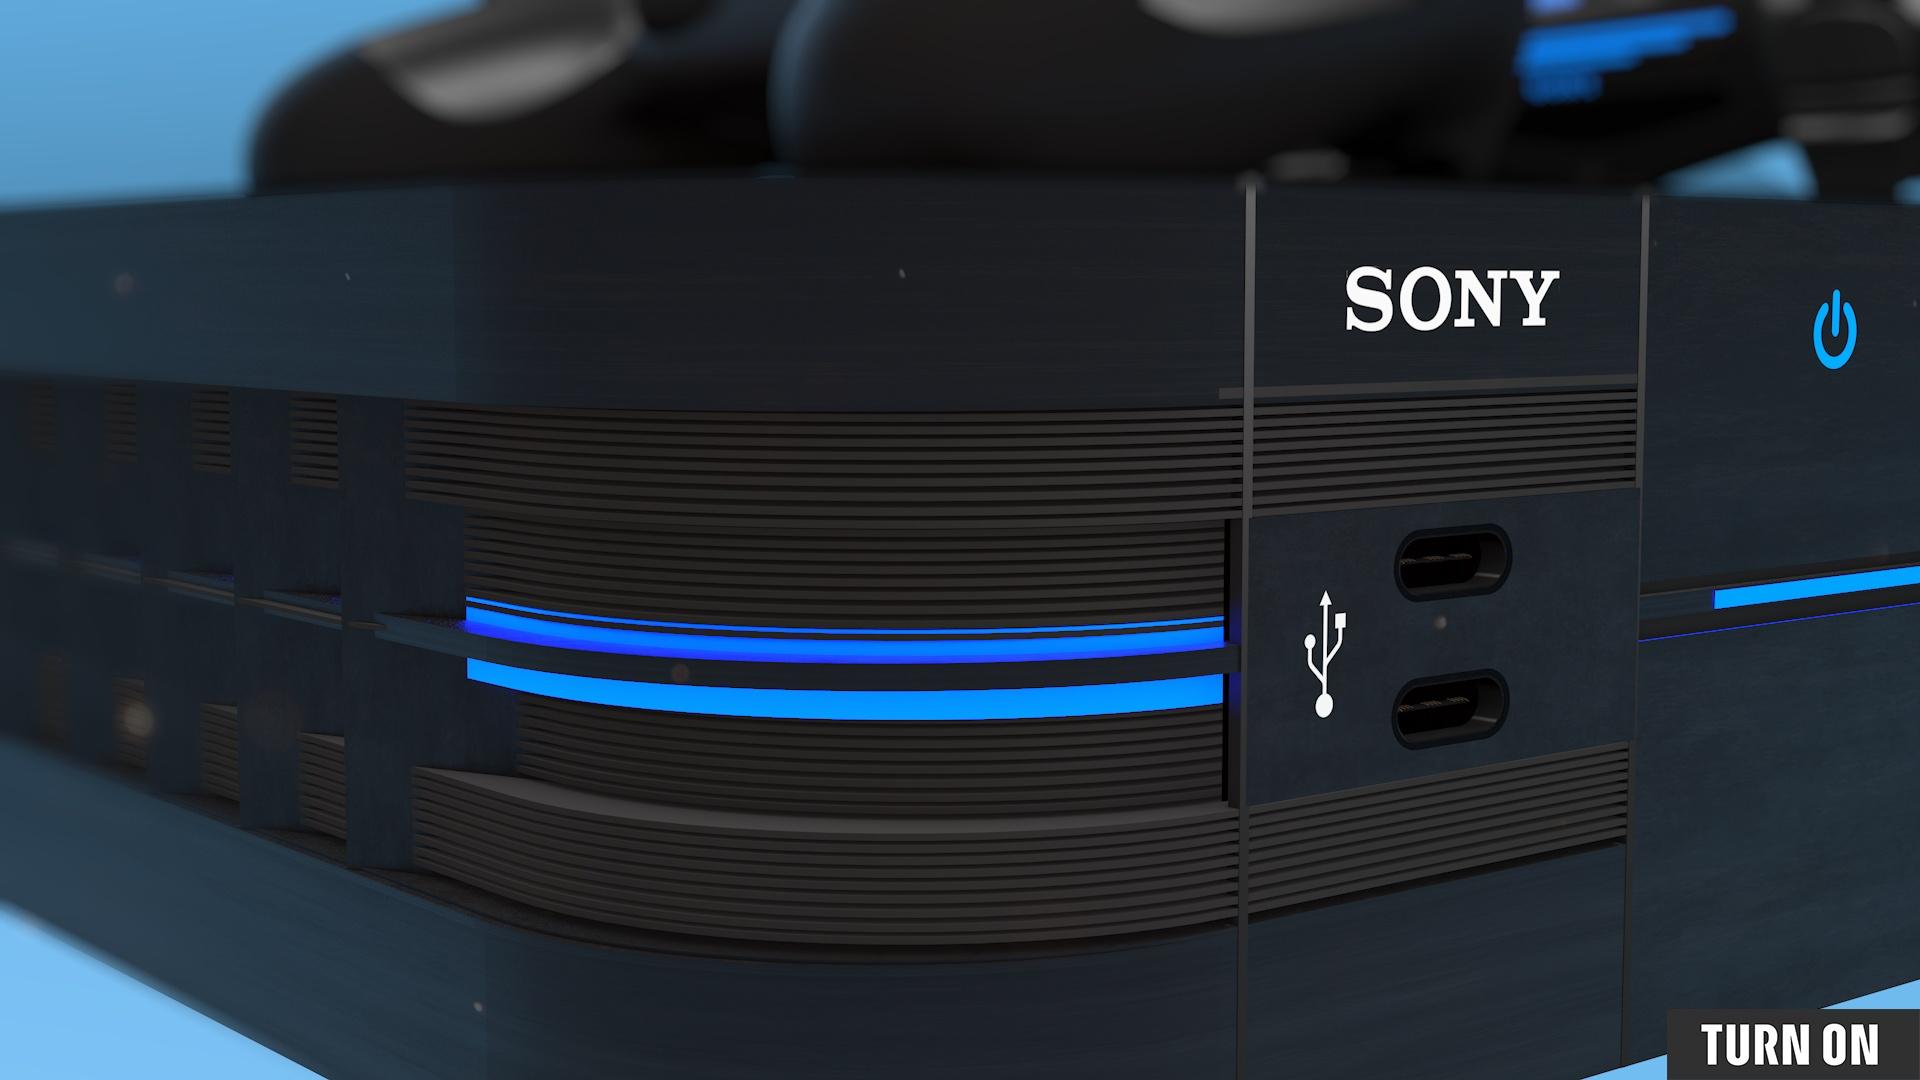 Kommt eine PS5 Pro? Sony äußert sich zur Next Gen